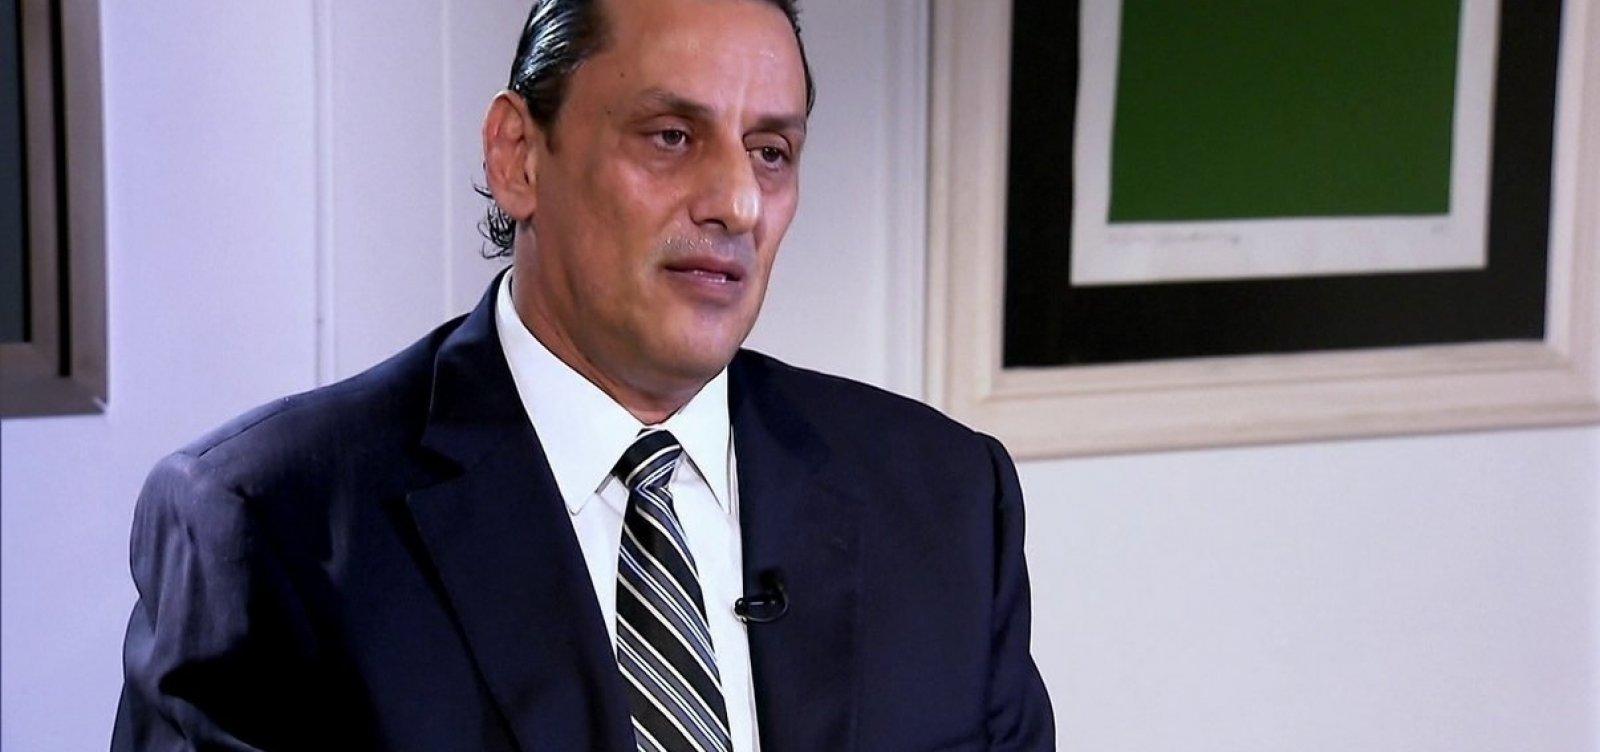 Advogado de Bolsonaro sonegou informação sobre áudio, diz diretor da TV Globo